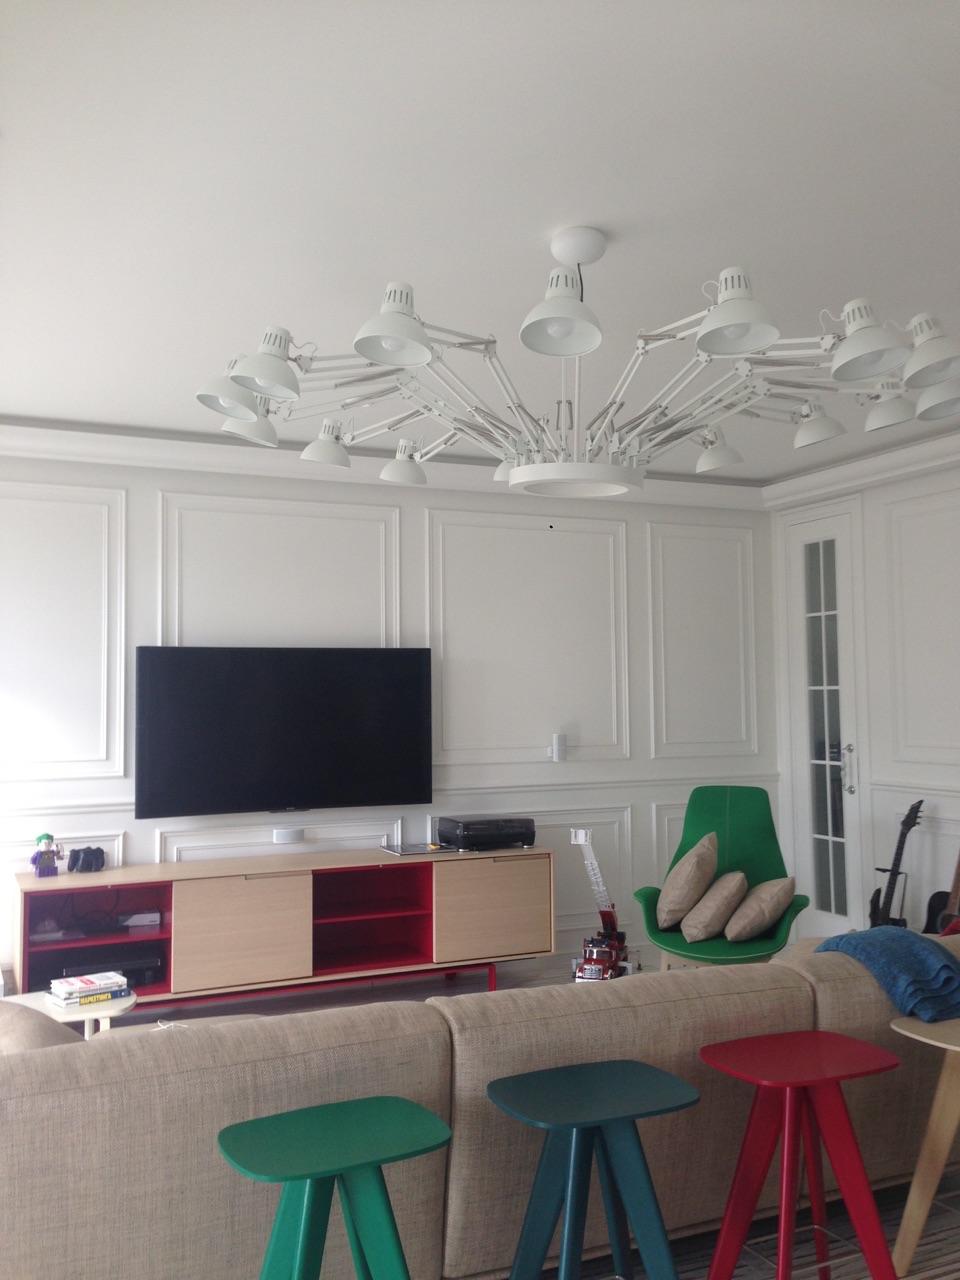 Arredatore interni zona giorno di un appartamento mosca for Zona living design